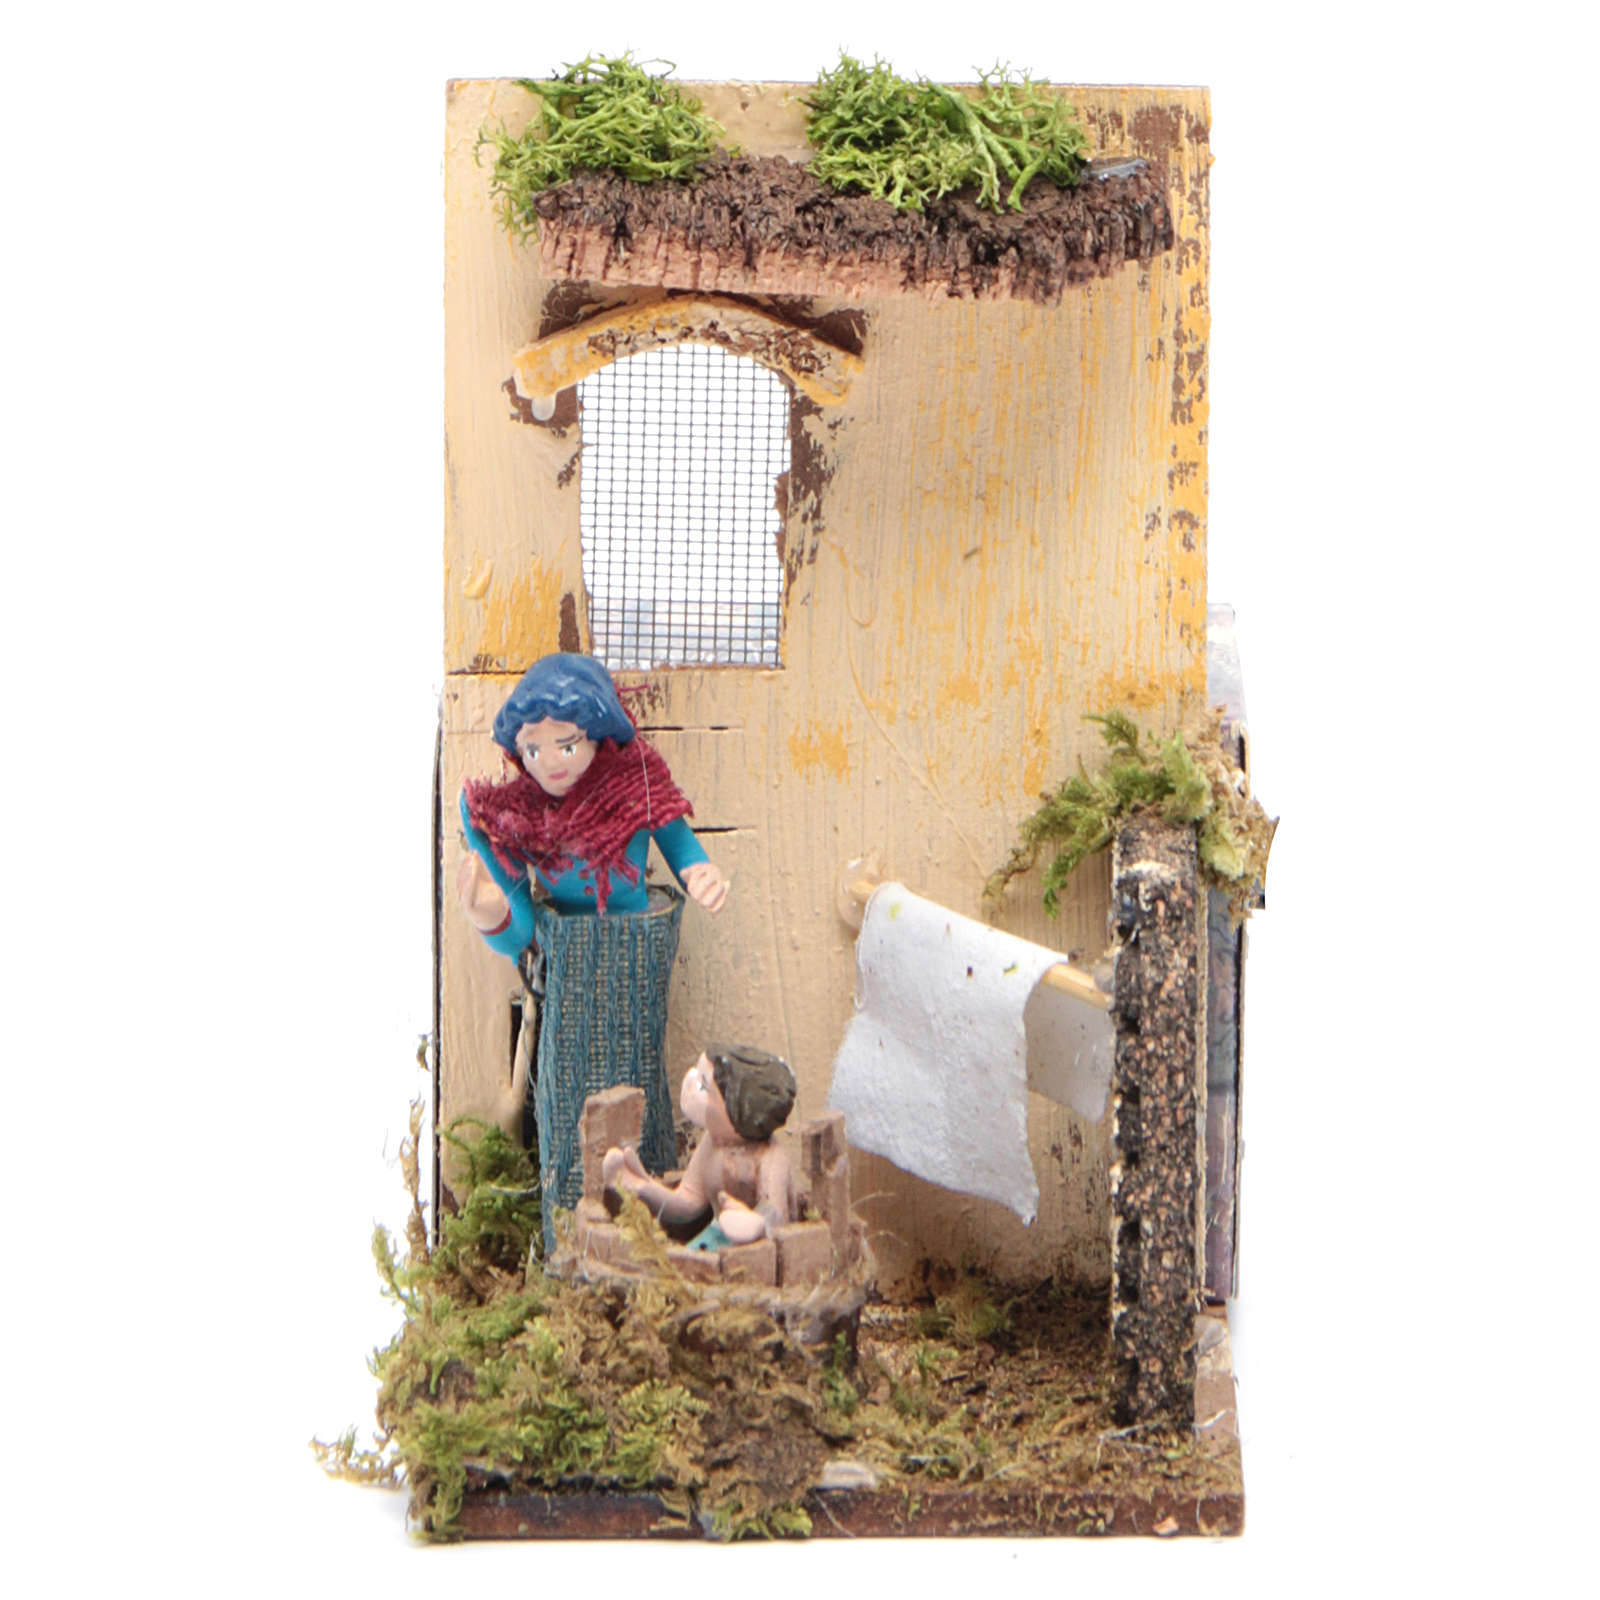 Femme qui lave son enfant 7 cm mouvement de crèche 3